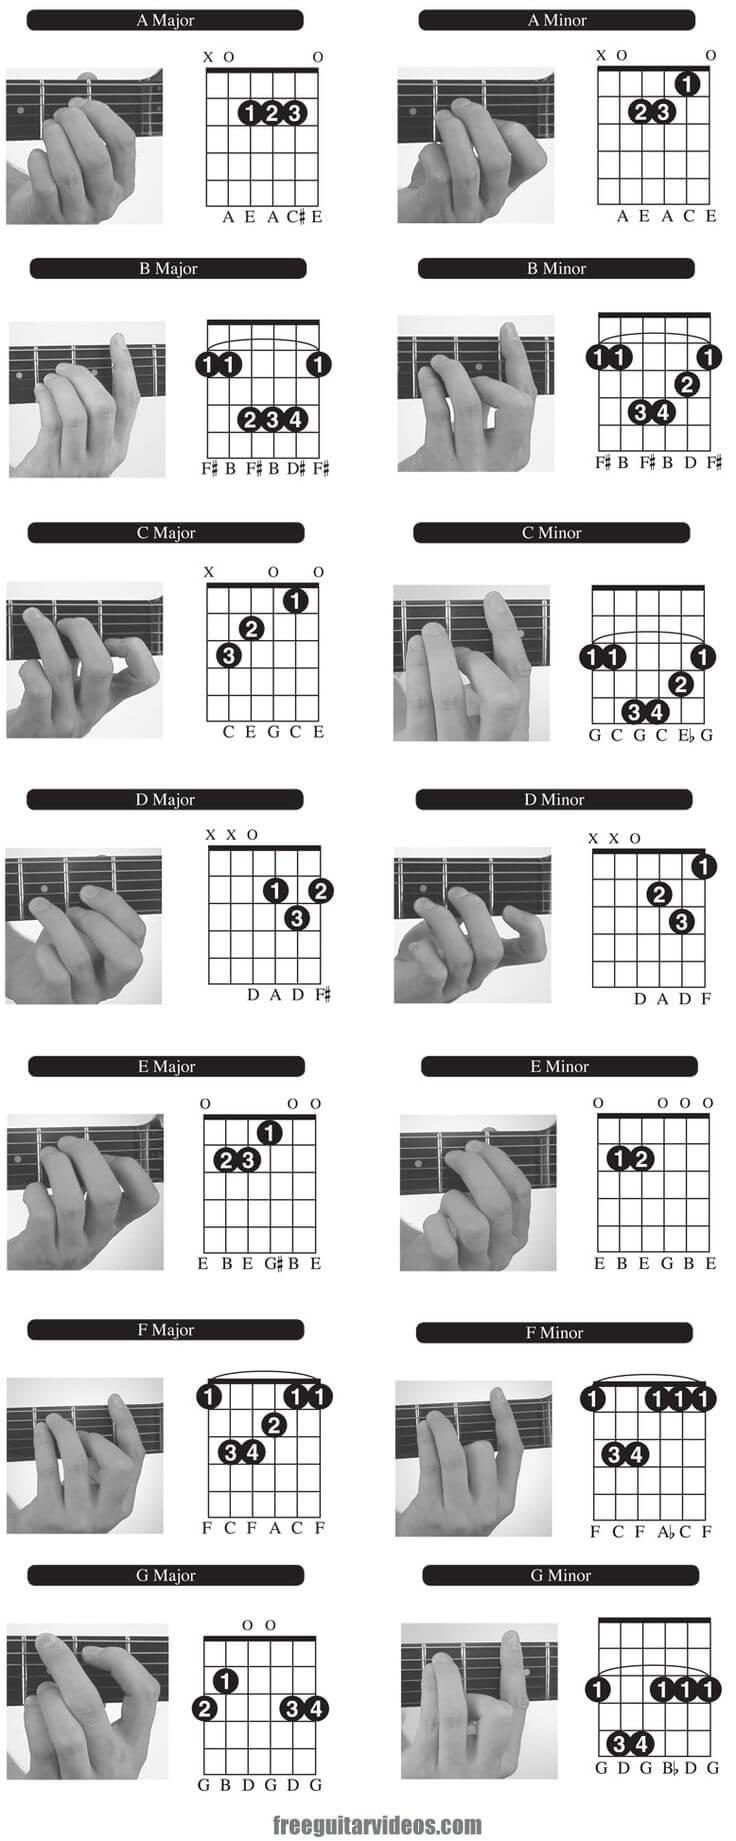 Gambar kunci gitar dengan tangan musisi gambar kunci gitar dengan tangan reheart Choice Image